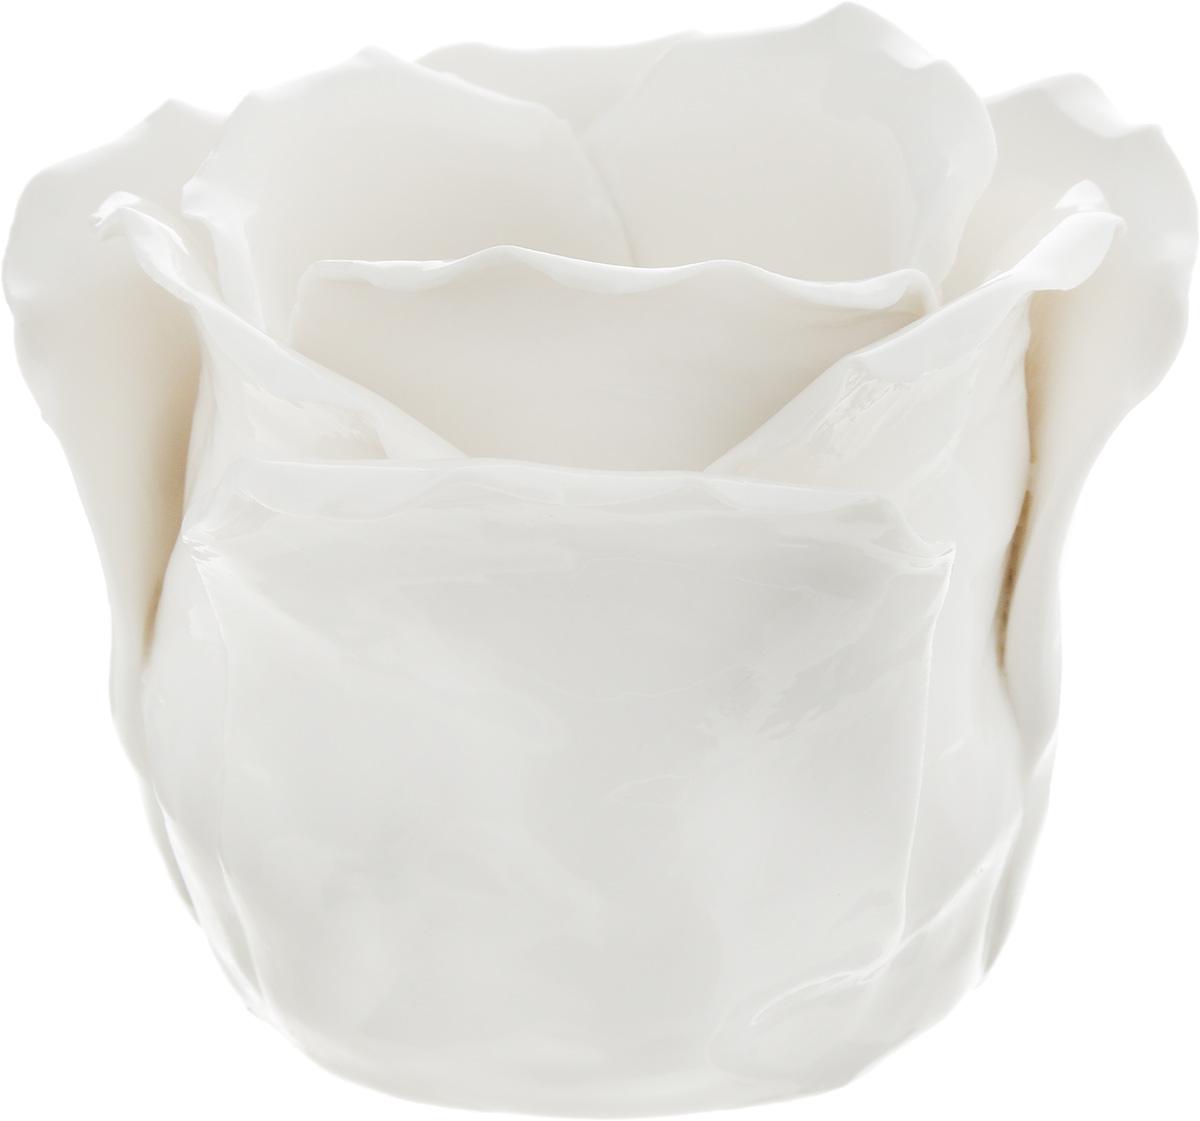 Подсвечник декоративный Феникс-Презент, цвет: белый, 8,5 х 8,5 х 7,5 см43840Декоративный подсвечник Феникс-Презент изготовлен из фарфора. Подсвечник предназначен для одной свечи. Стильный и изысканный подсвечник позволит украсить интерьер дома или рабочего кабинета оригинальным образом.Вы можете поставить подсвечник в любом месте, где он будет удачно смотреться и радовать глаз. Кроме того, это отличный вариант подарка для ваших близких и друзей. Диаметр отверстия для свечи: 4,5 см. Глубина отверстия: 6 см.